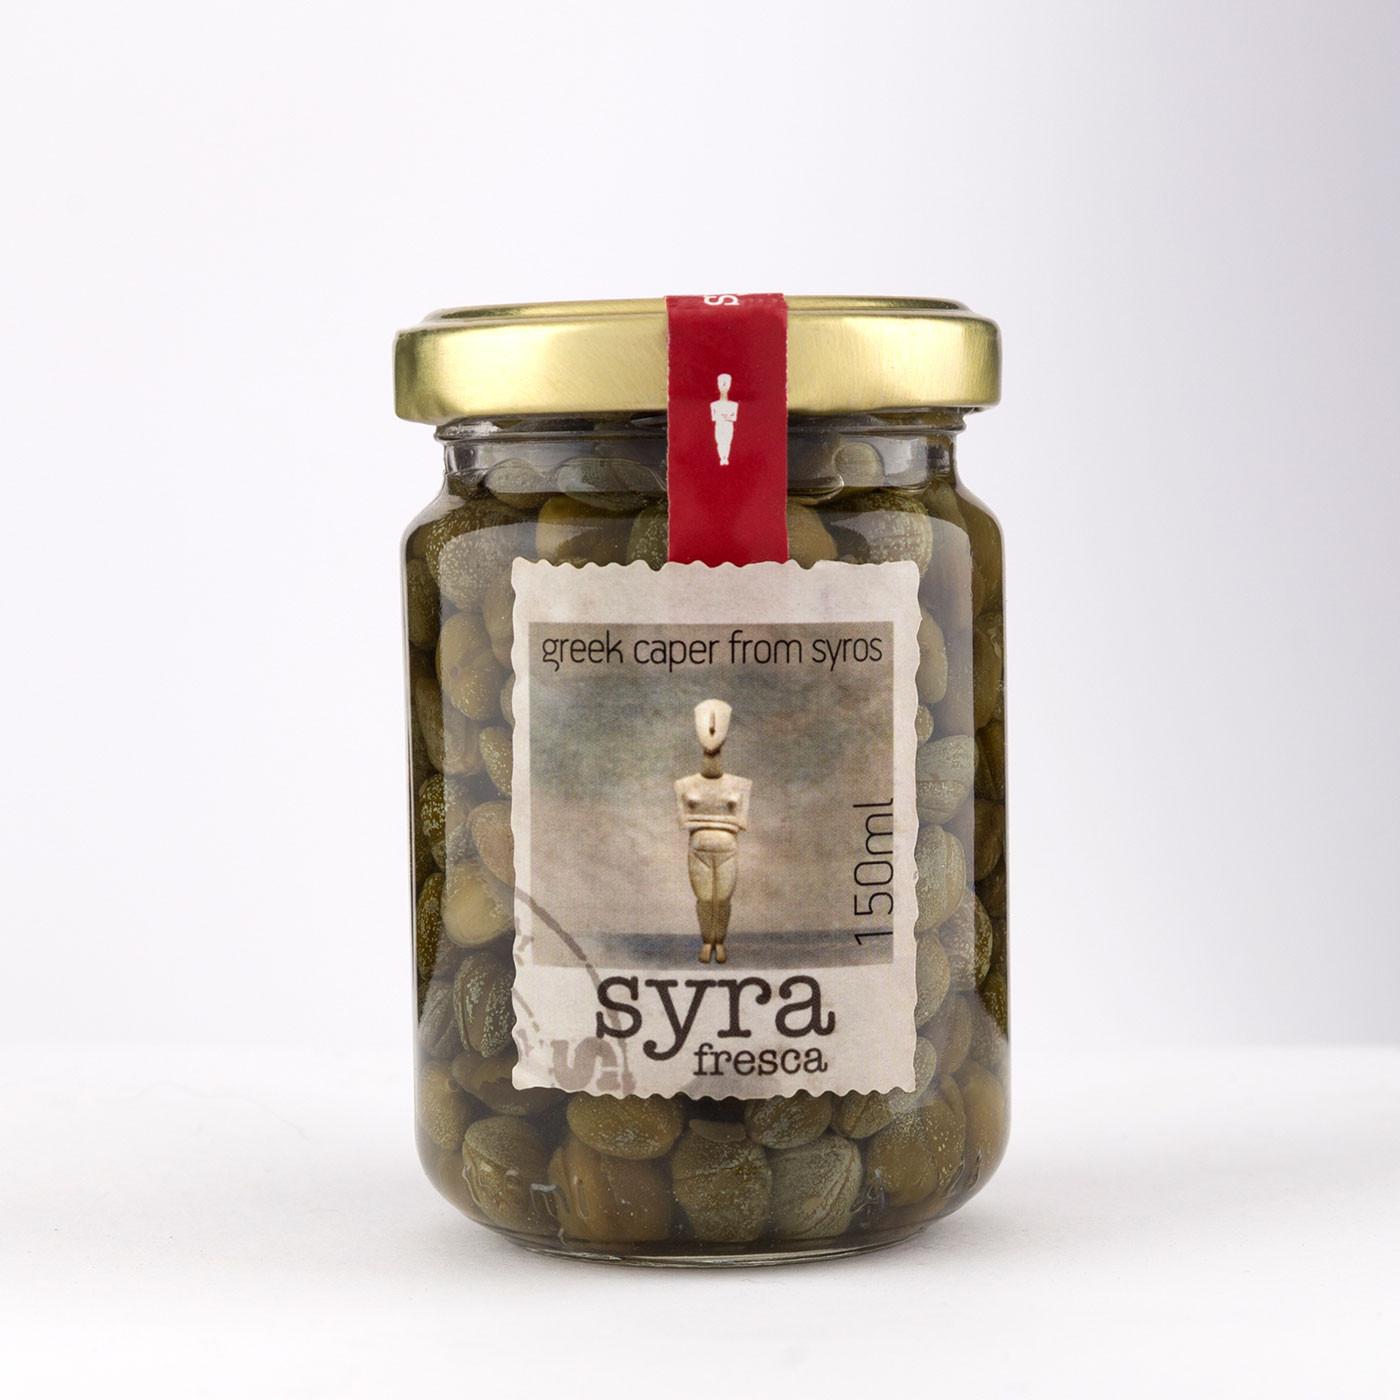 """Κάππαρη Σύρου """"Syra fresca"""" 125 g"""